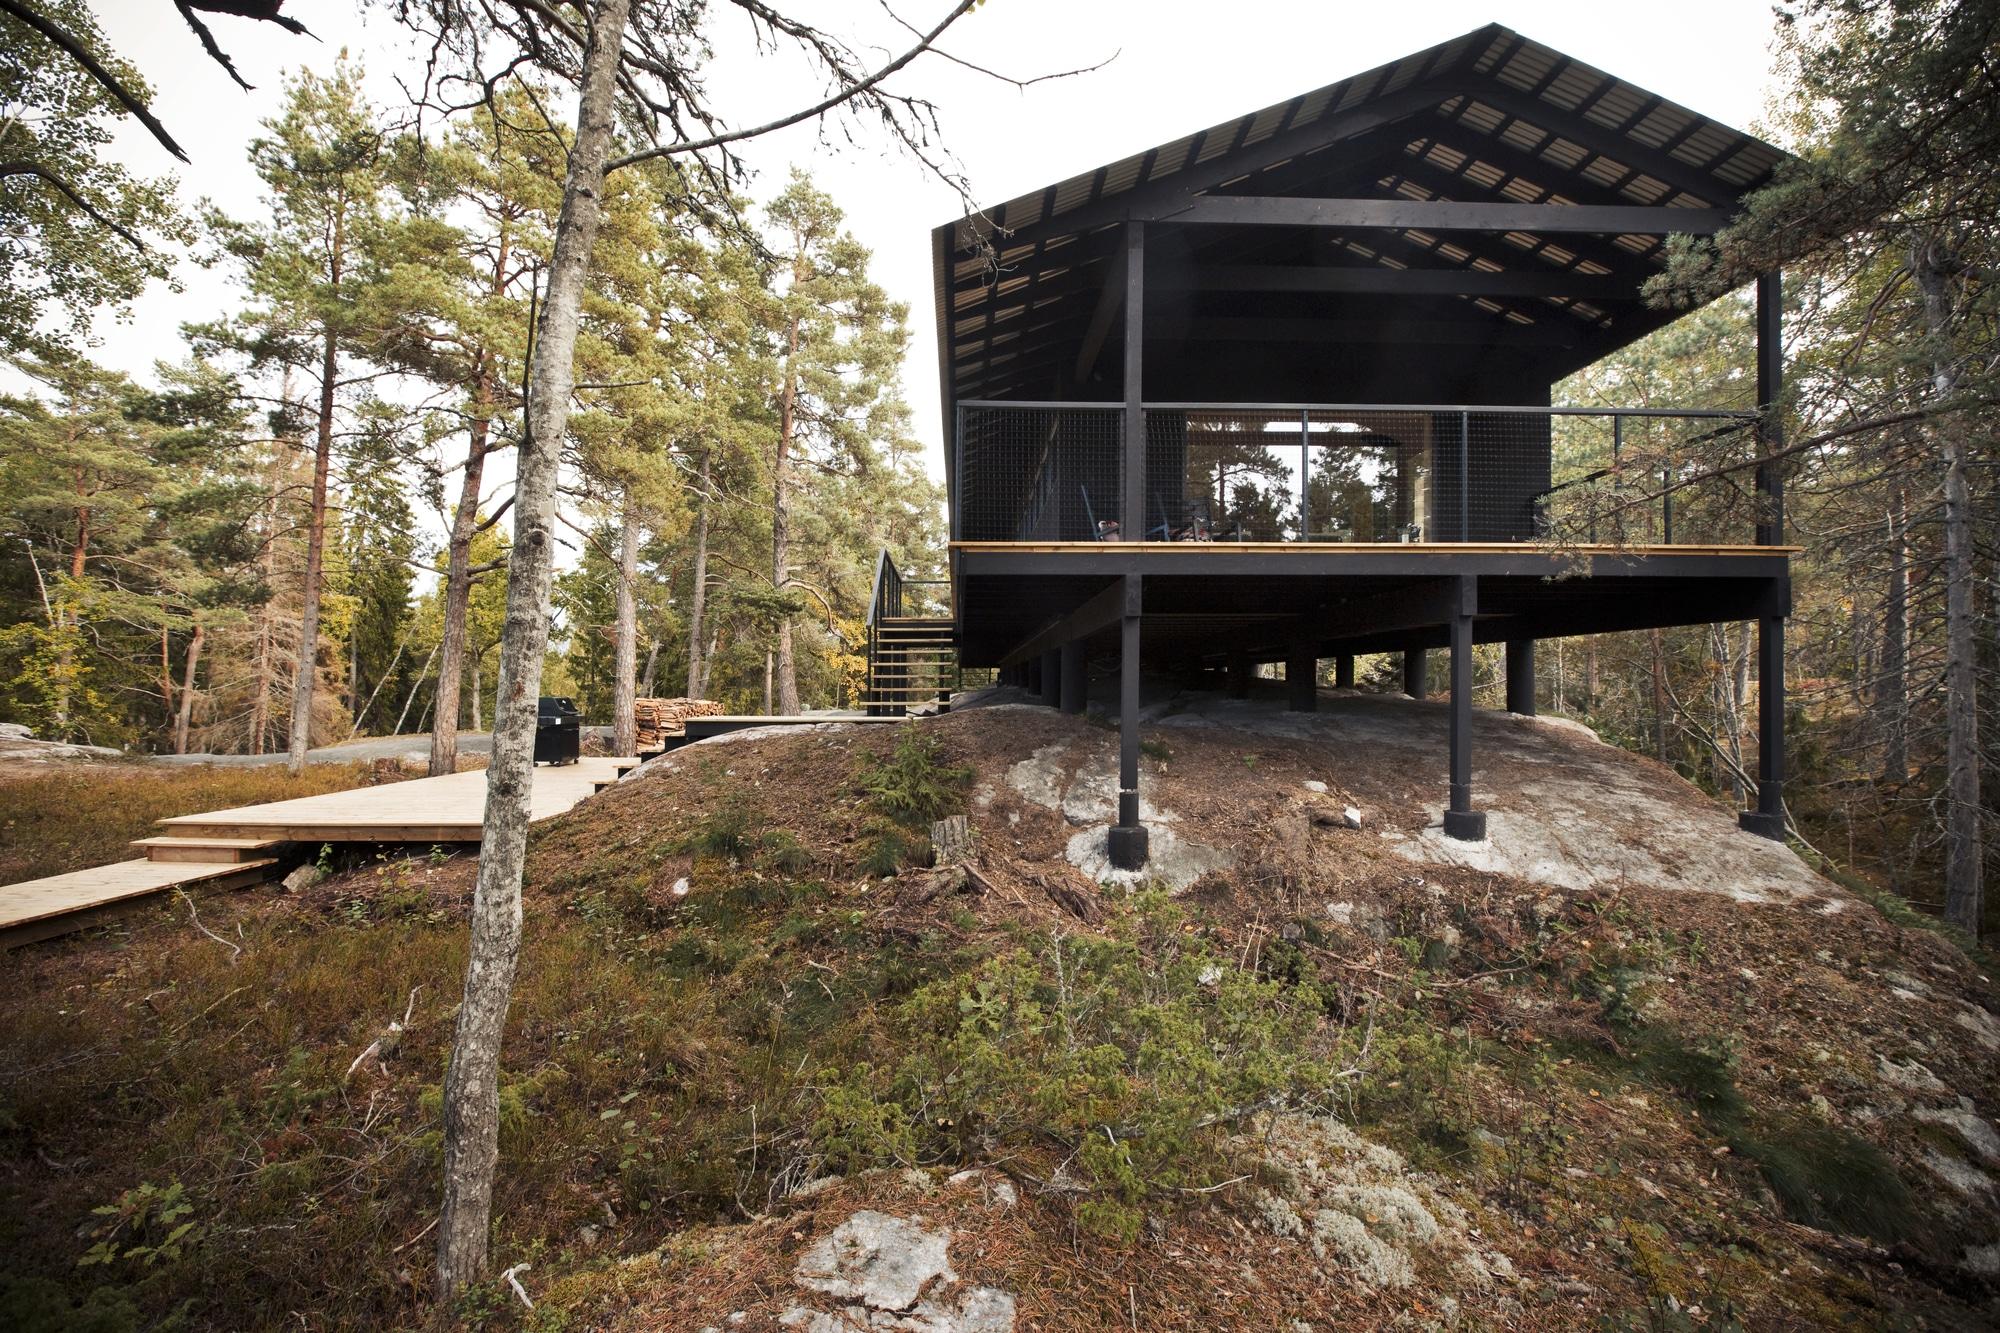 Dise o de casa peque a de madera fachada planos - Casas madera pequenas ...